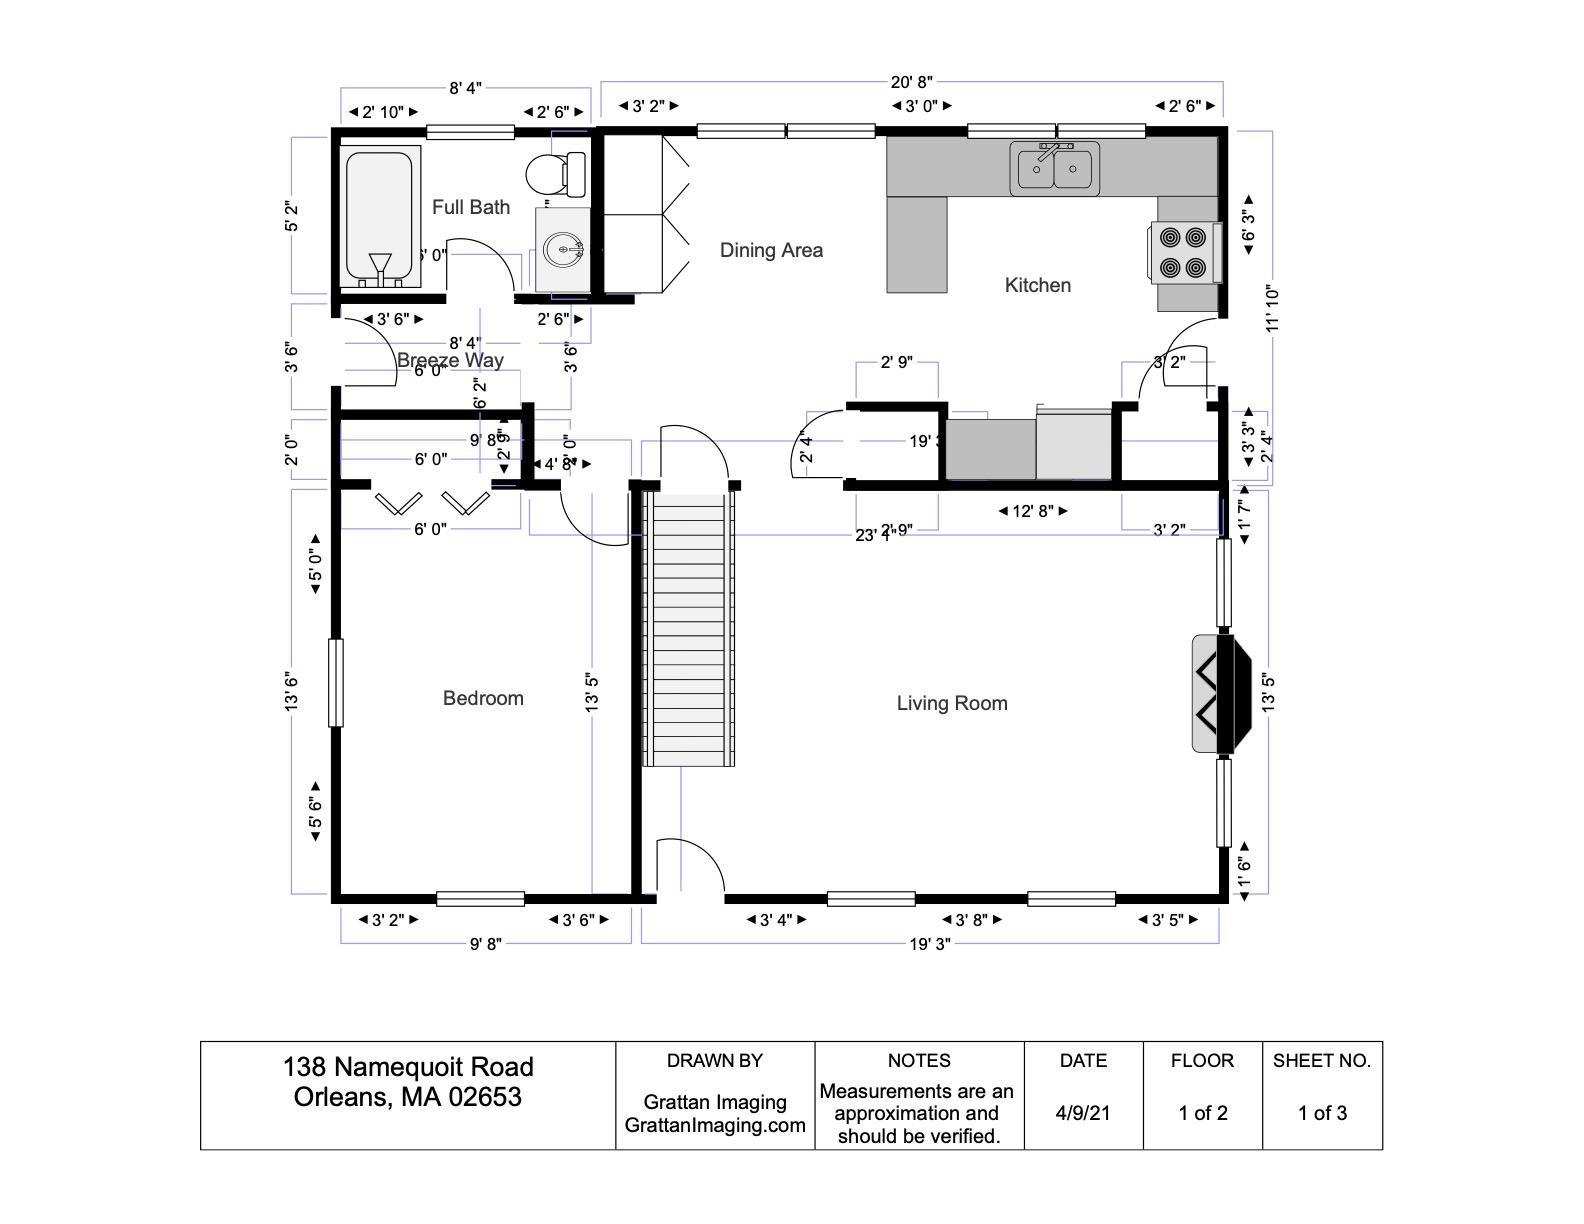 138 Namequoit Road, Orleans MA, 02653 - slide 48